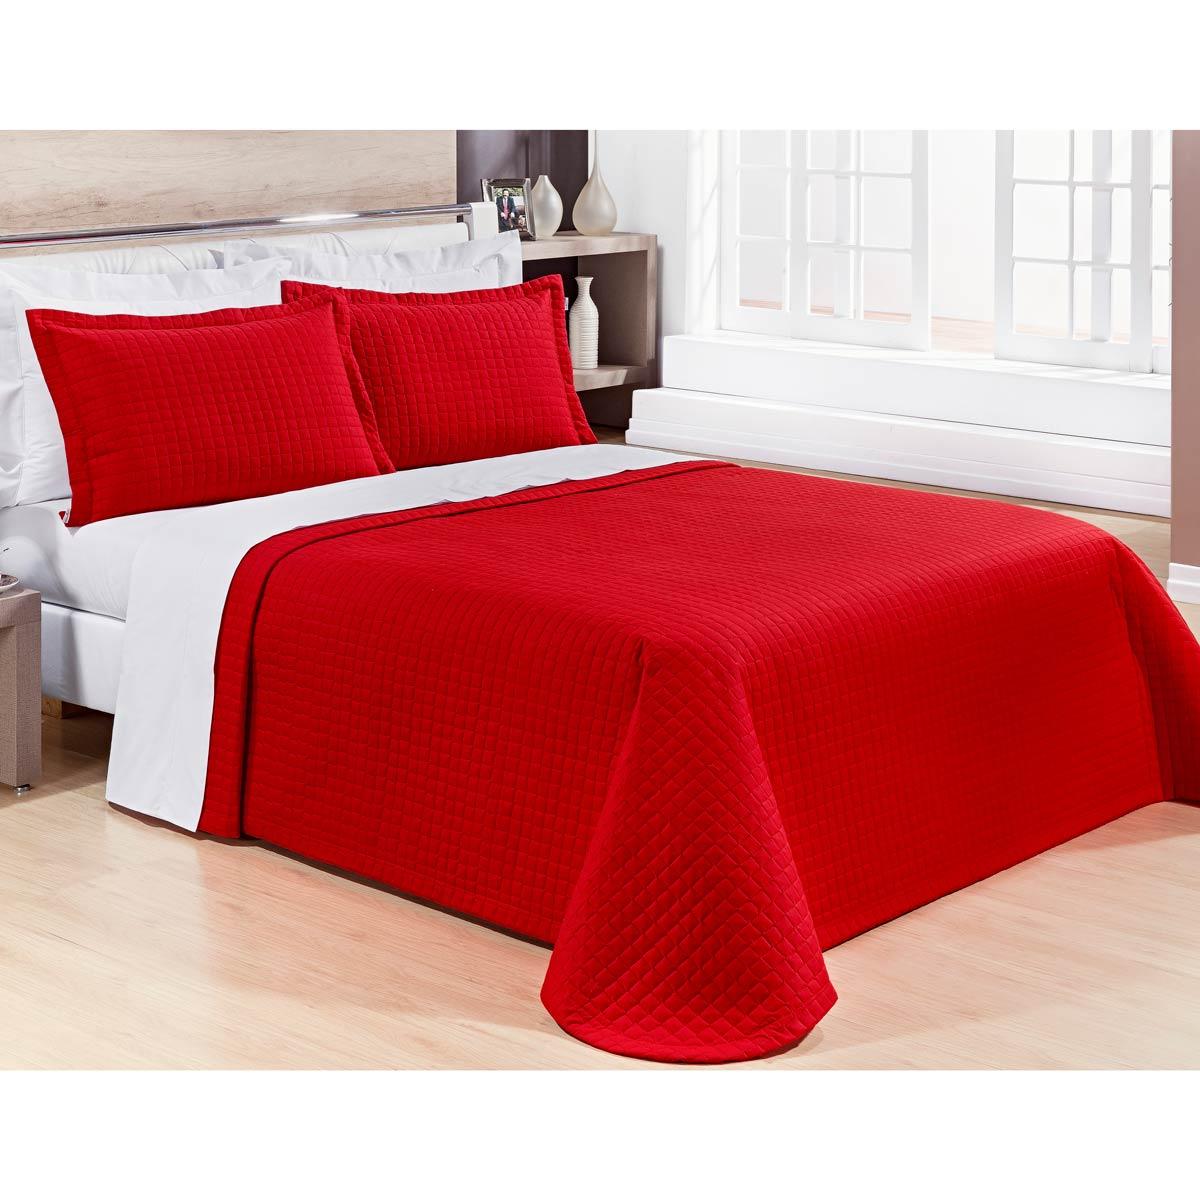 Cobre Leito Casal KING Pratic 03 Peças Liso coleção 2107 -  100% Algodão 200 Fios - Cor Vermelha